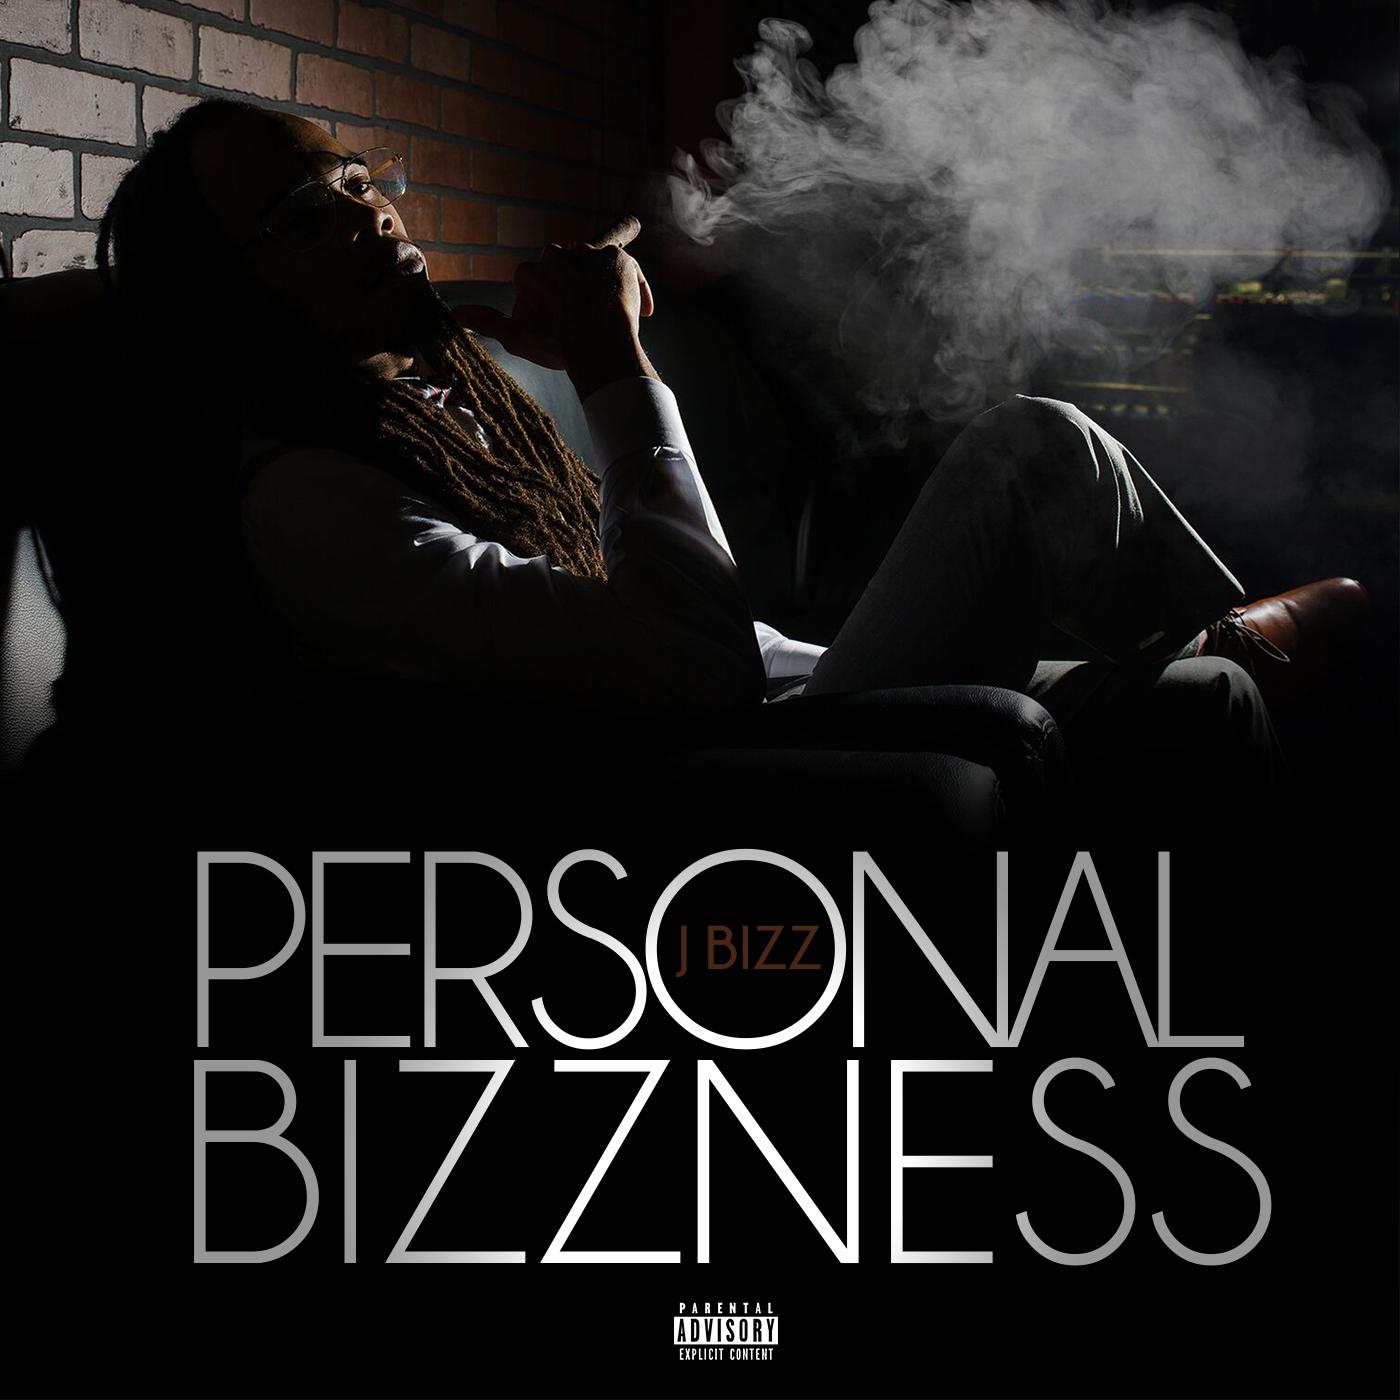 Personal Bizzness